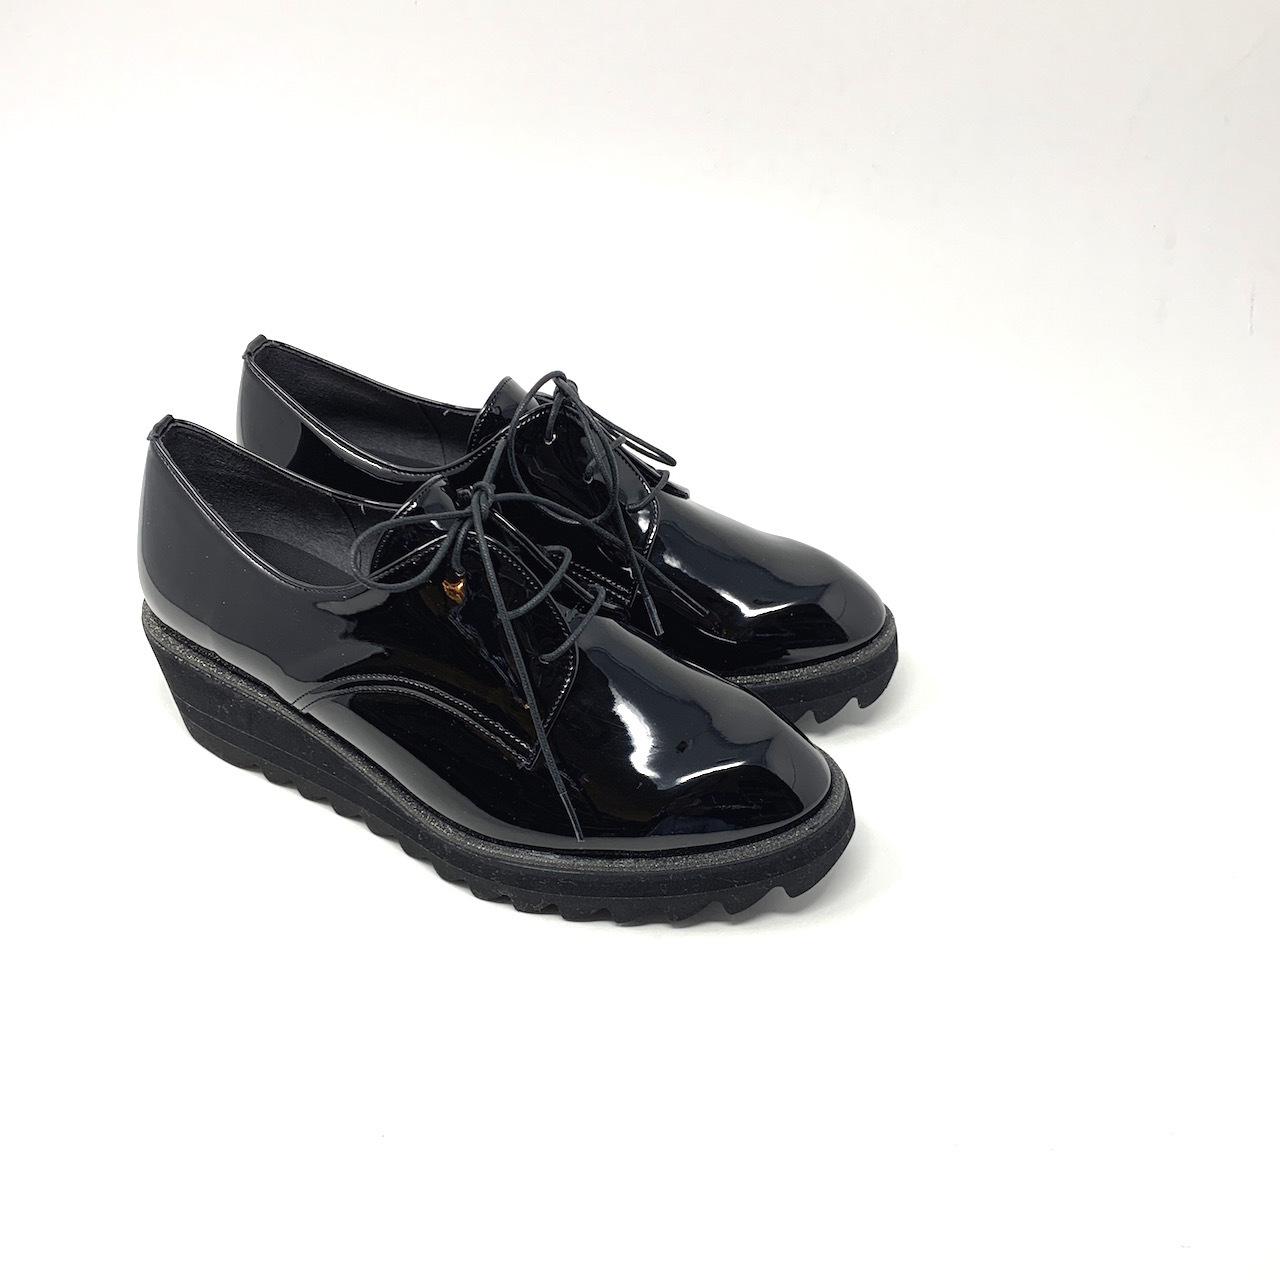 PlatformLaceUPshoes アツゾコレースアップシューズ_#ot1160S 【Ought=na】 madeinjapan 日本製